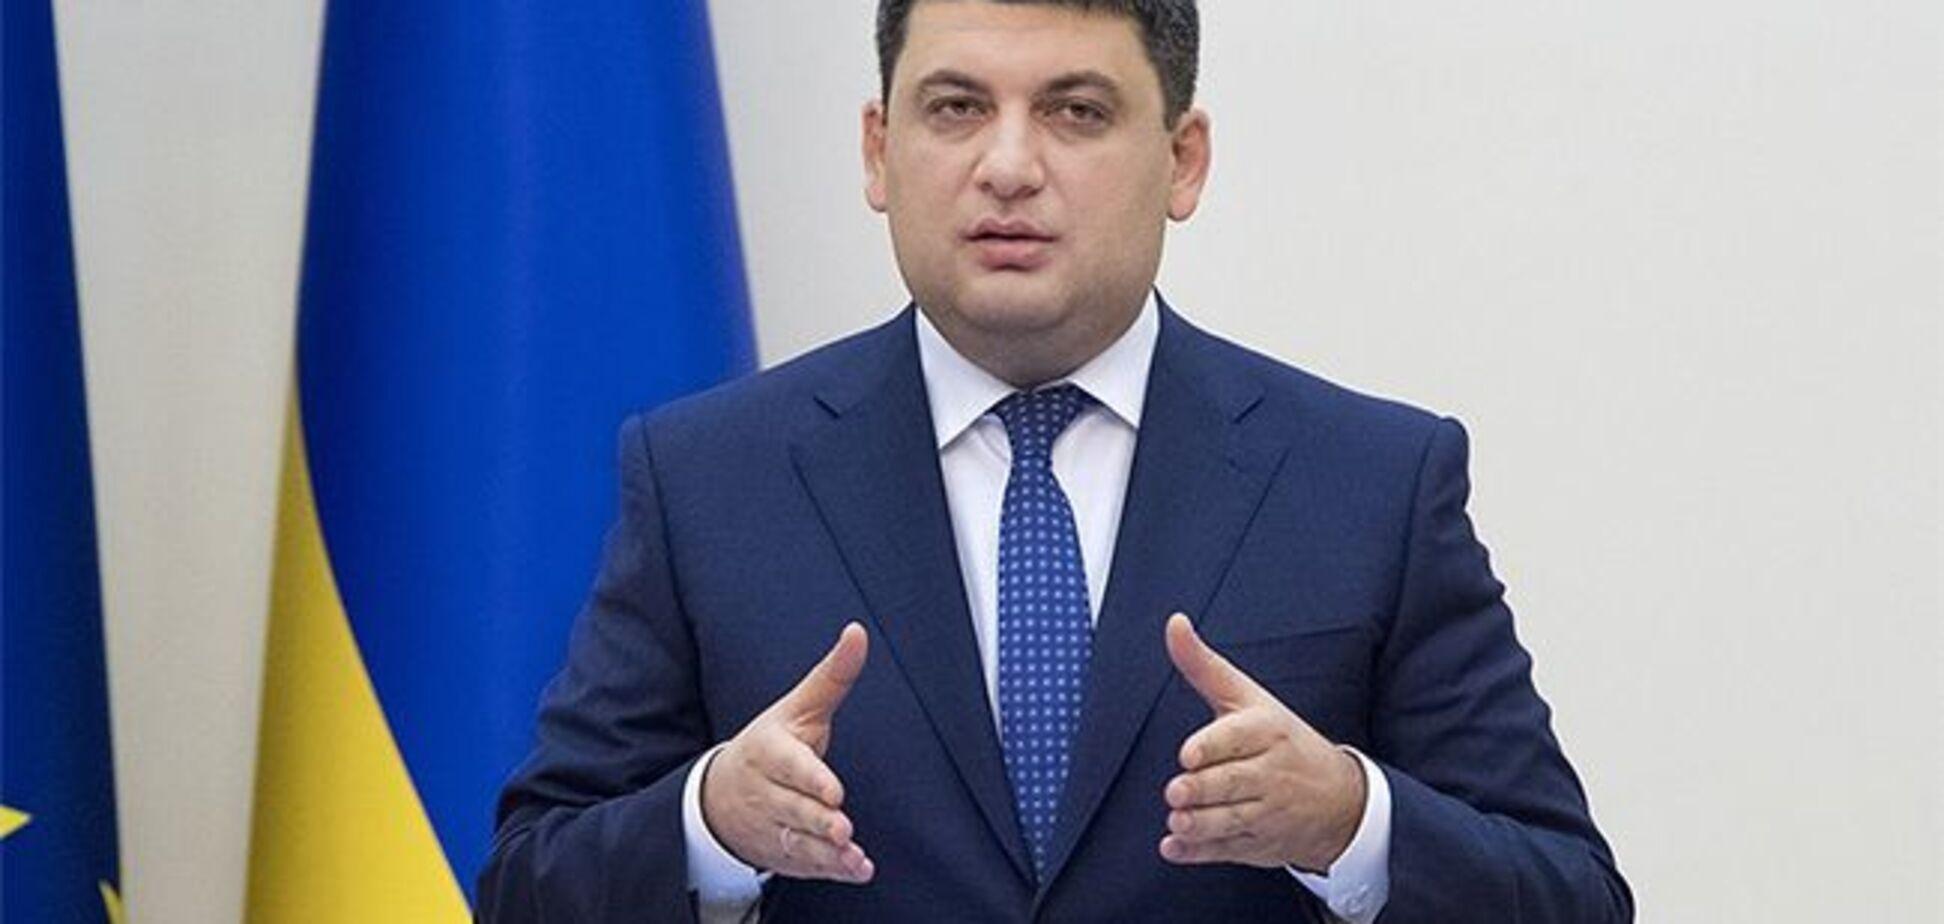 ''Тінь'' зменшується'': Гройсман описав успіхи економіки України